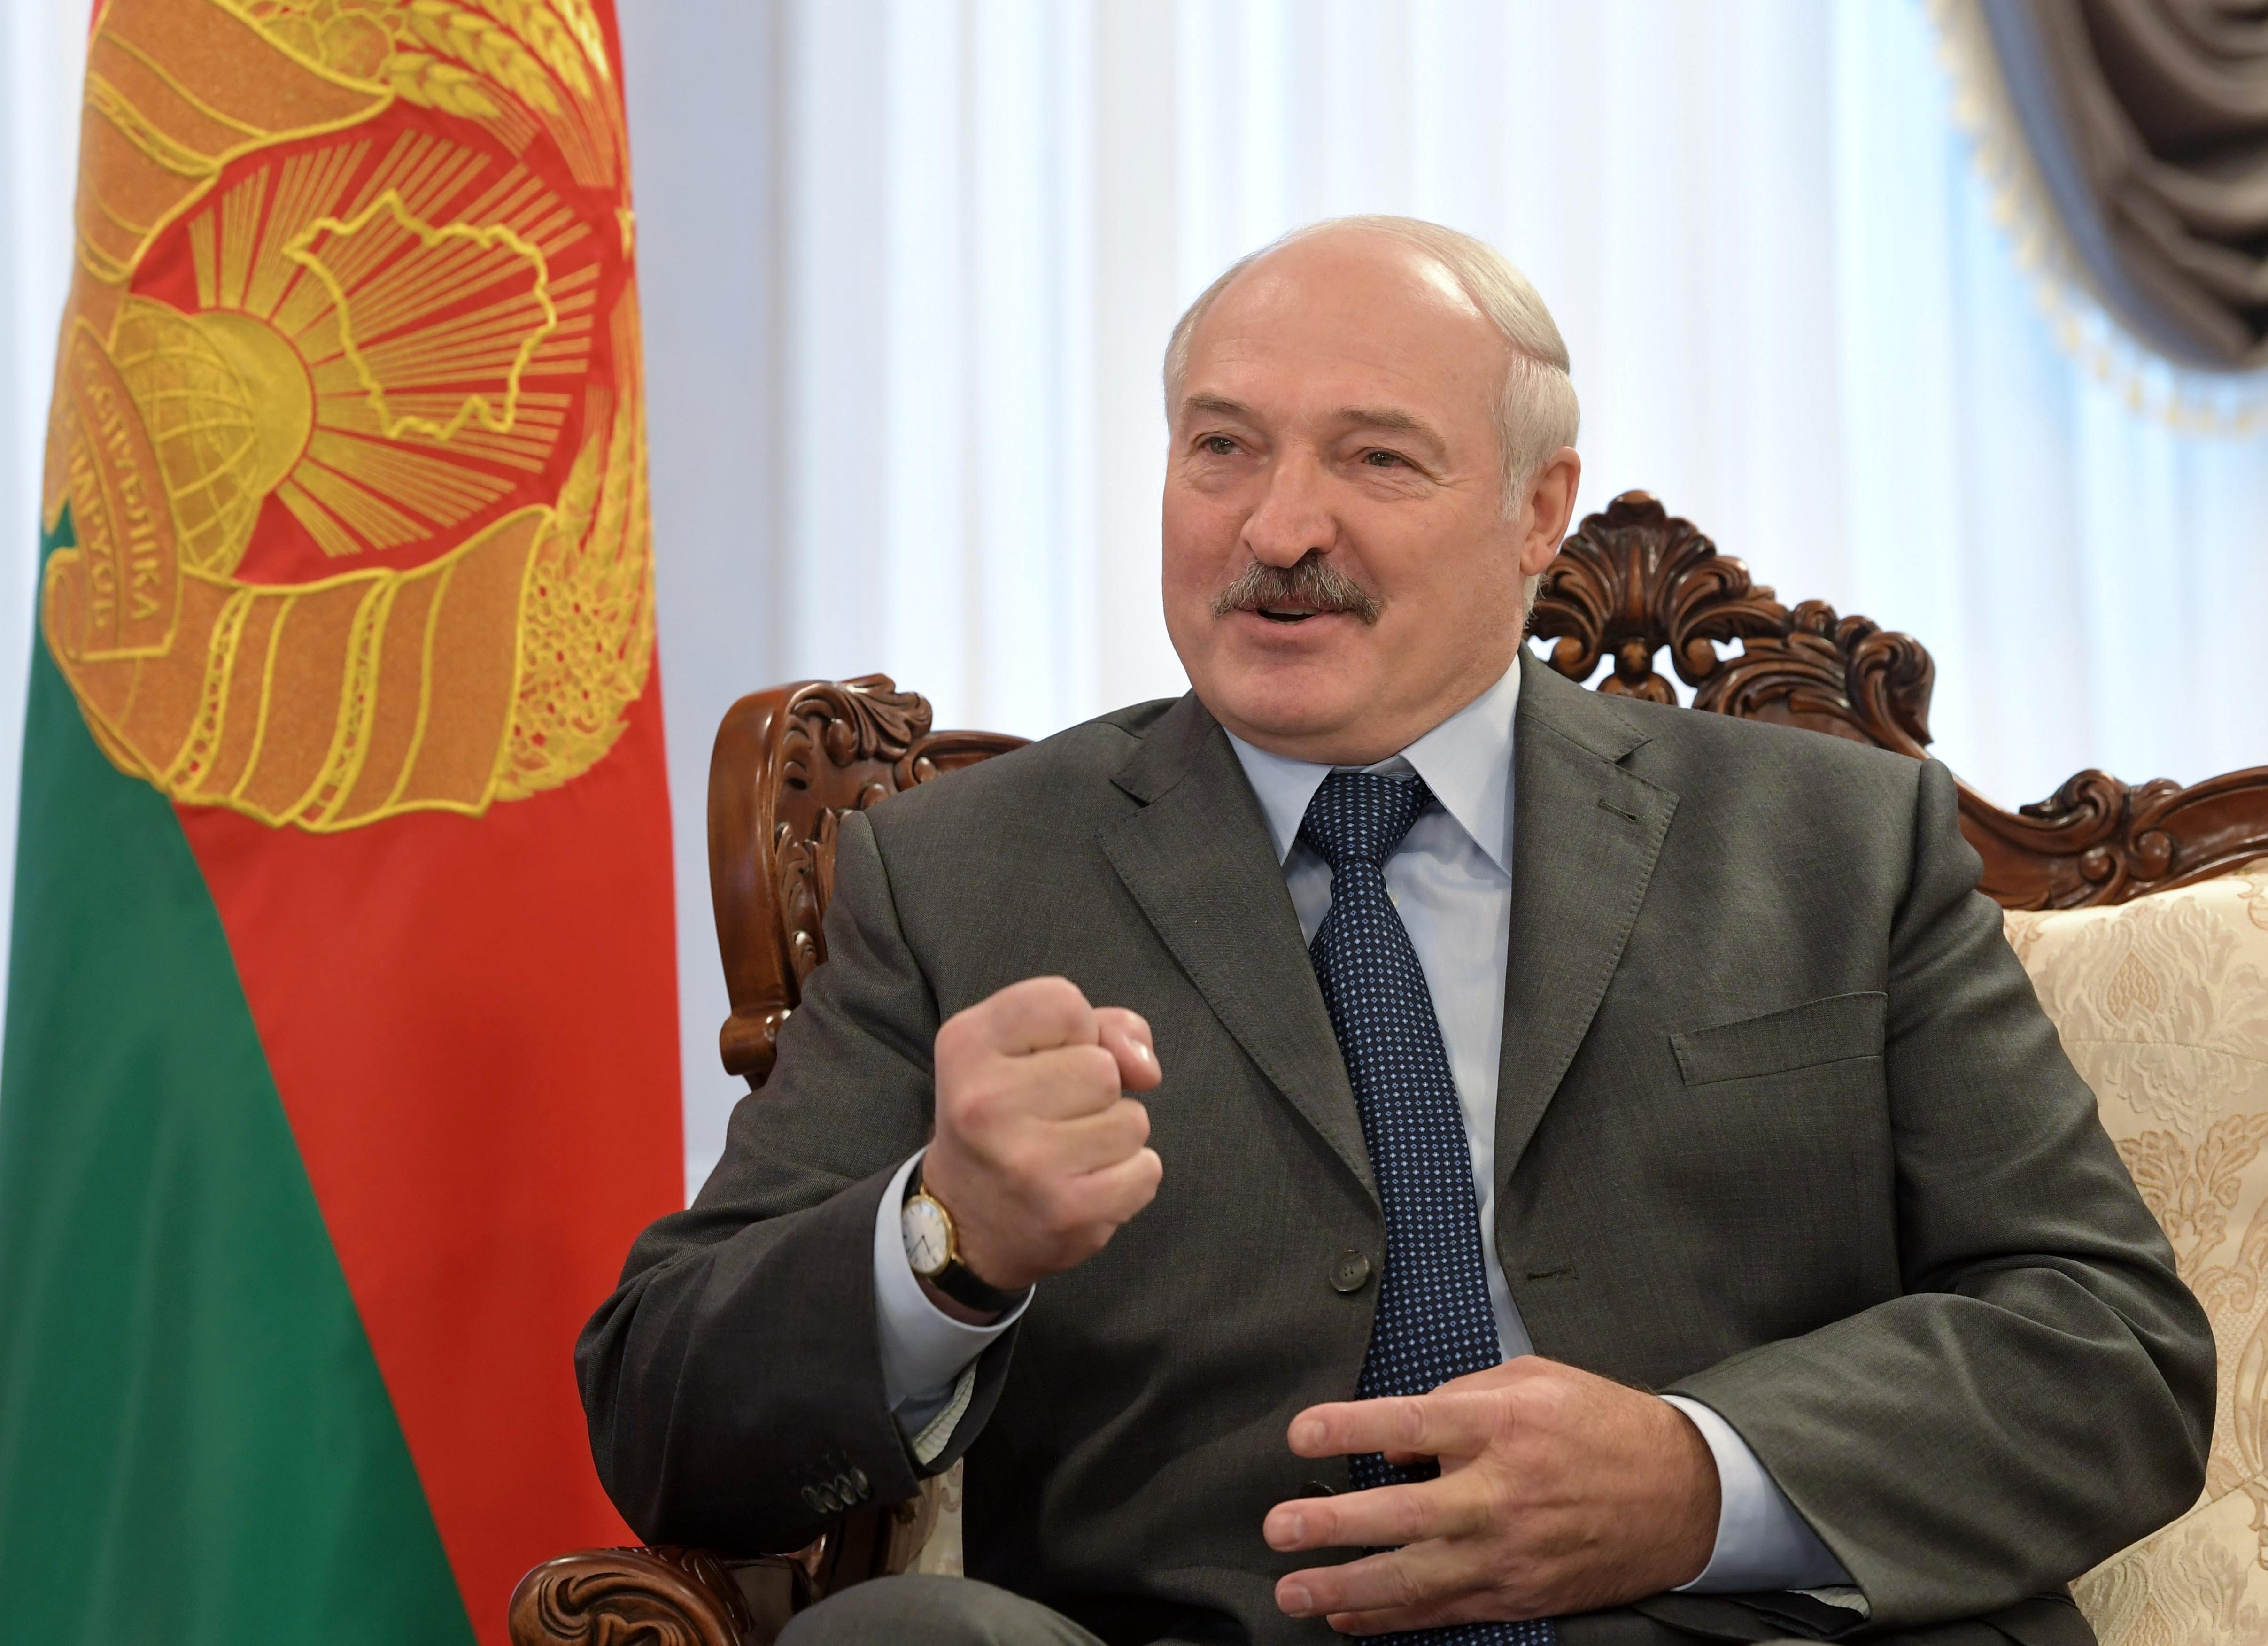 Lukasenka nem fogja beoltatni magát a vakcinával